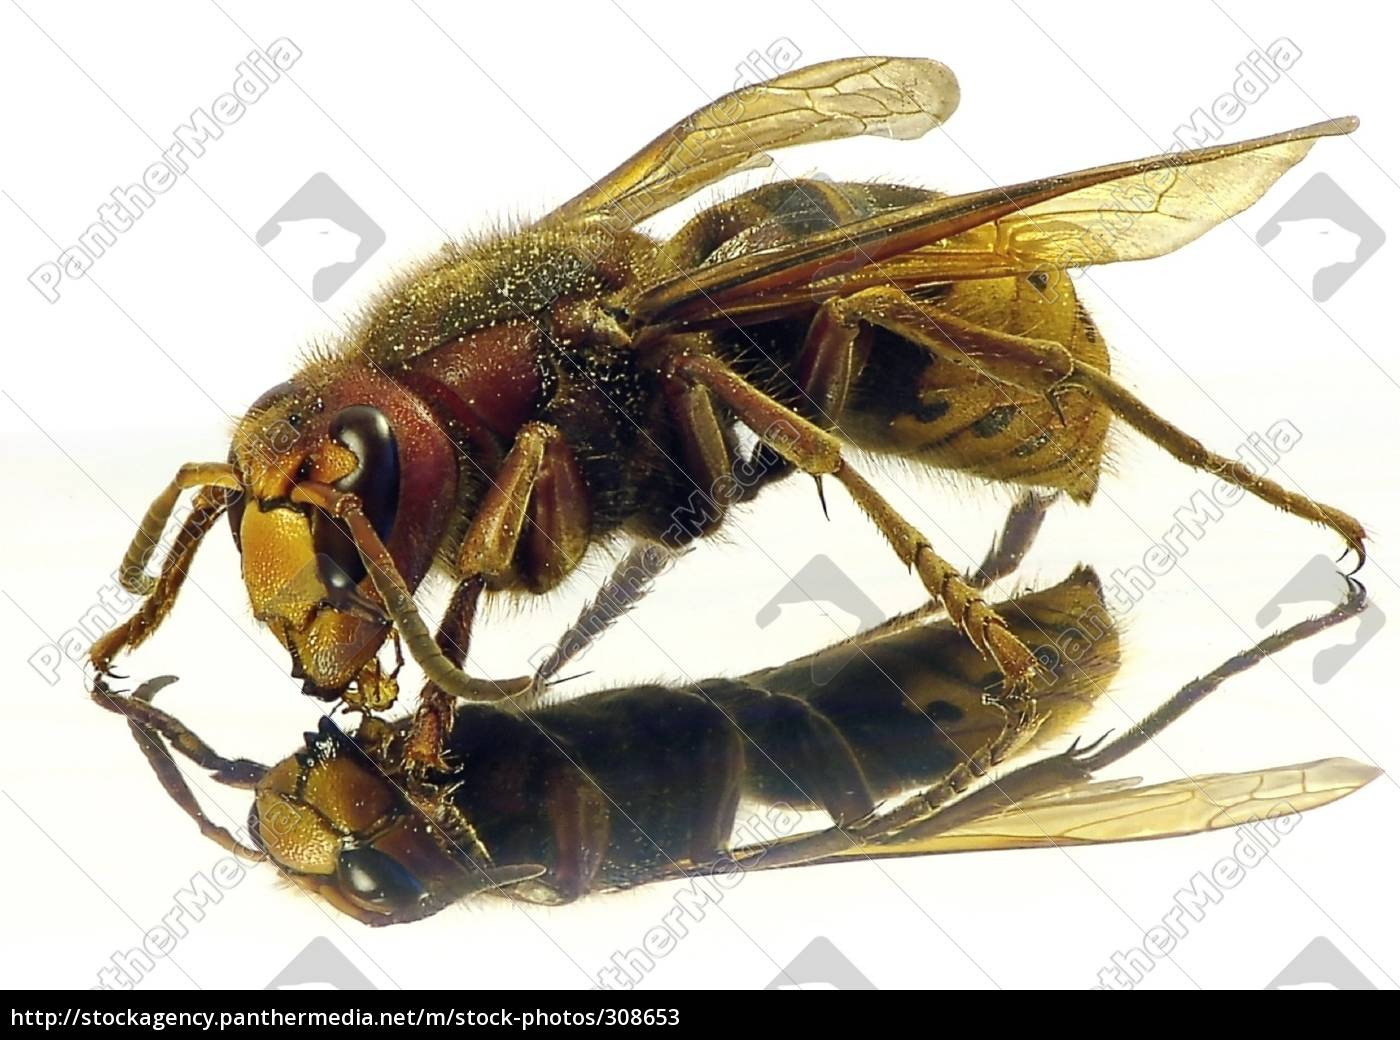 hornet - 308653